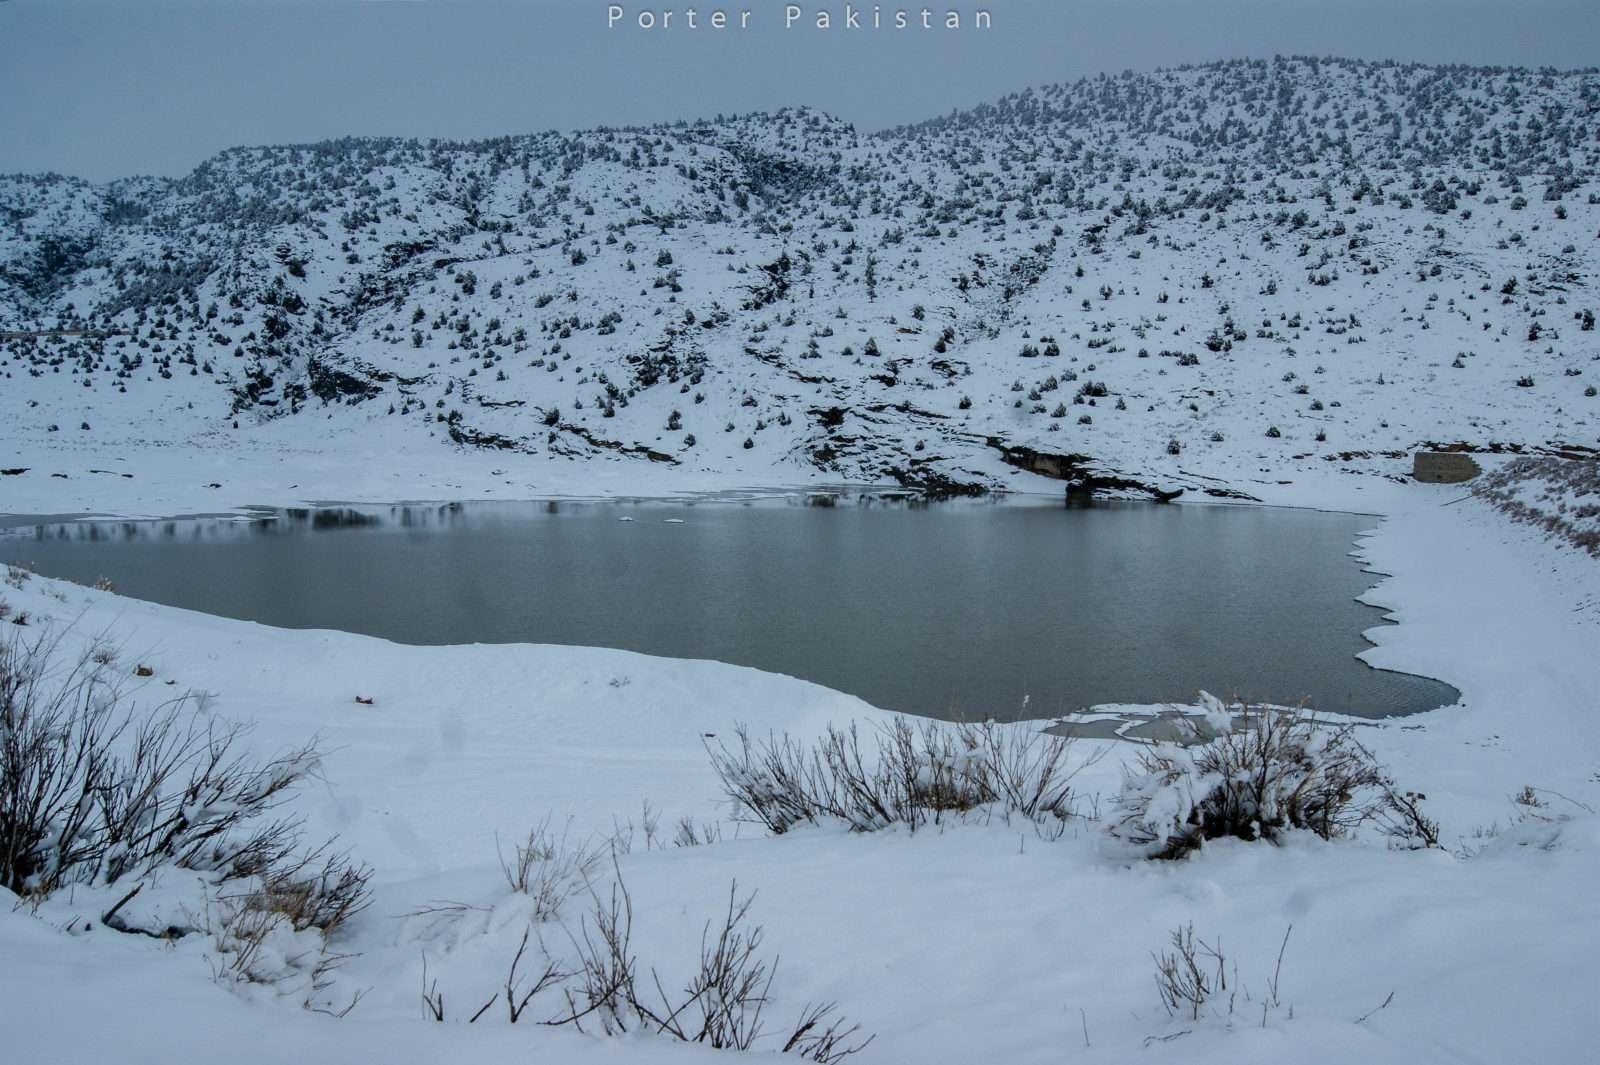 Pechi Dam - Ziarat